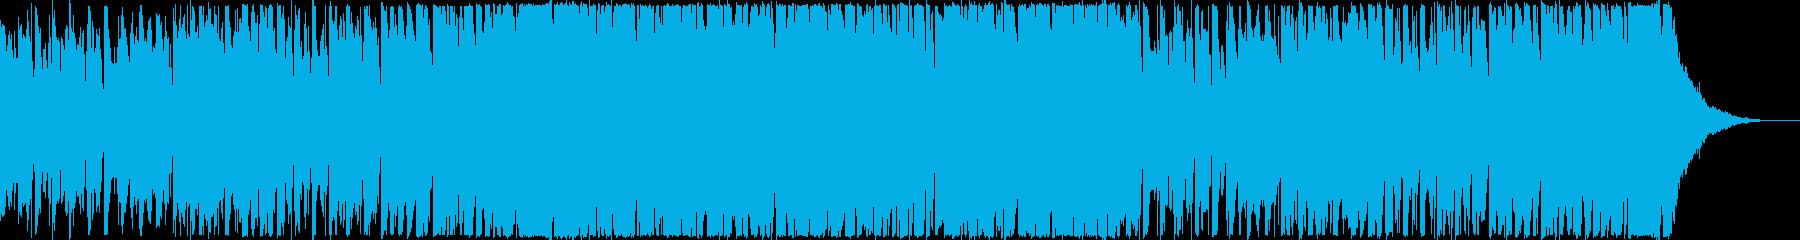 CM・製品紹介・わくわく・1分の再生済みの波形